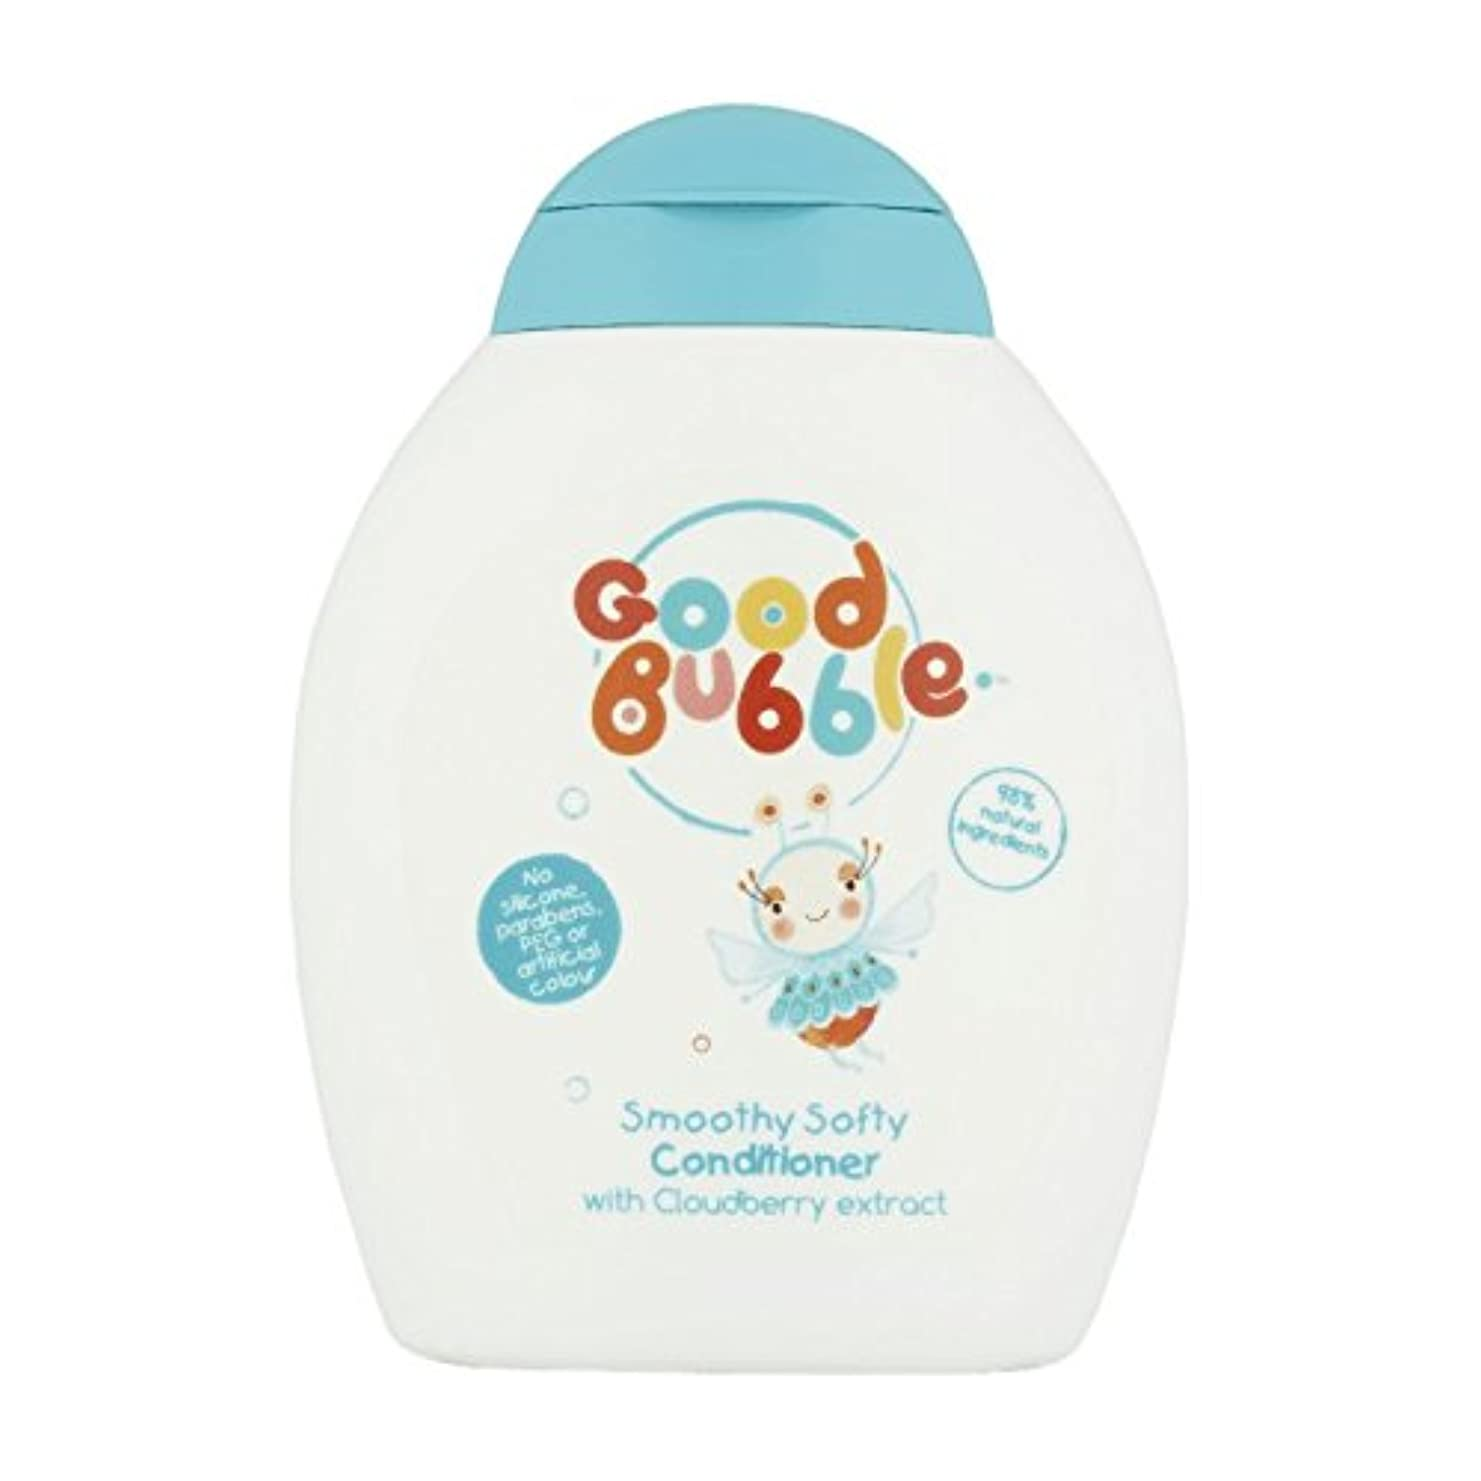 動脈鳴り響く率直なGood Bubble Cloudberry Conditioner 250ml (Pack of 6) - 良いバブルクラウドベリーコンディショナー250ミリリットル (x6) [並行輸入品]